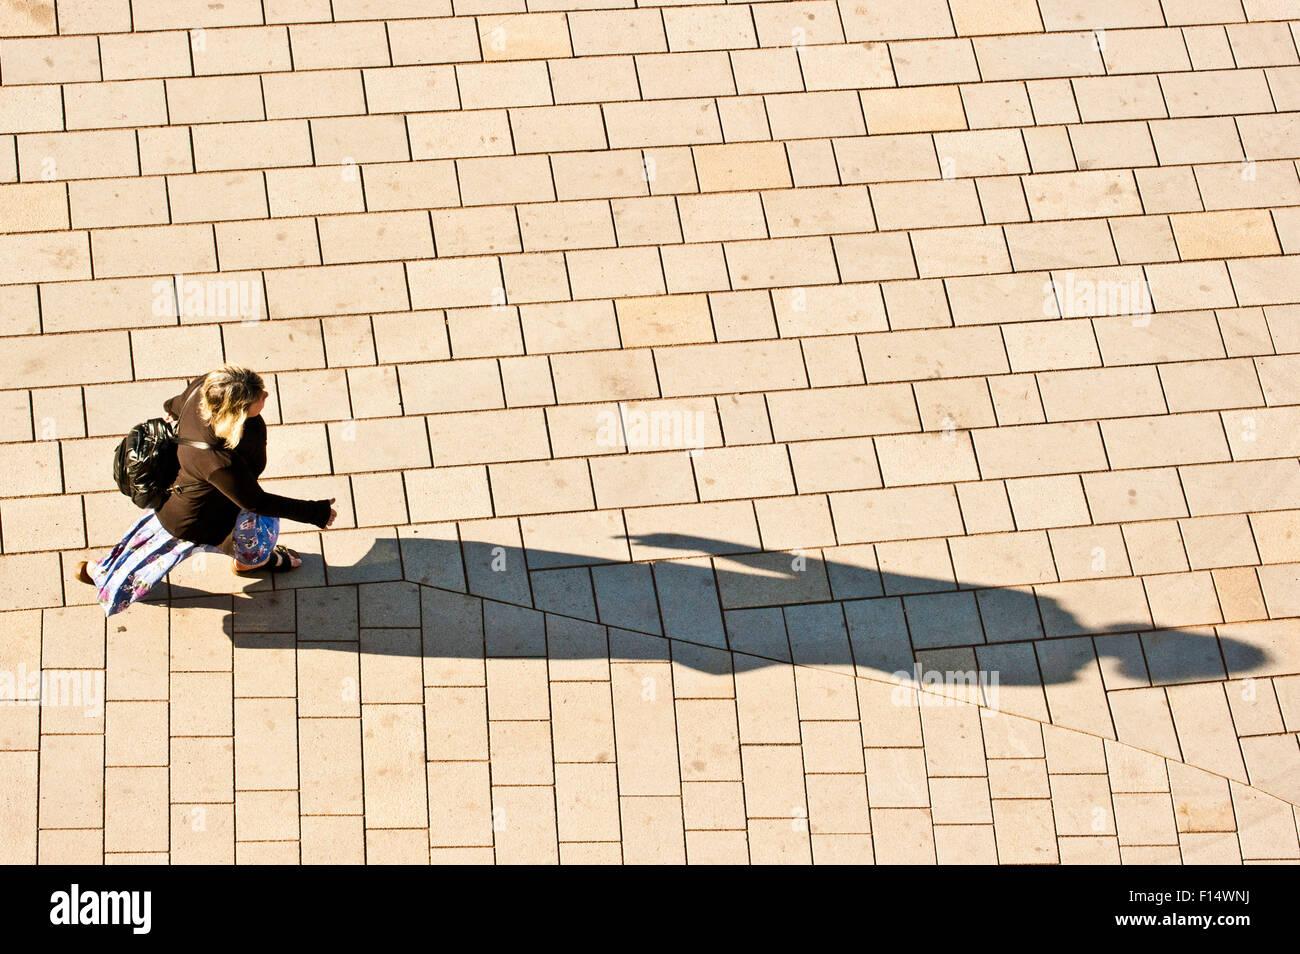 Frau auf der Straße, einen langen Schatten zu projizieren. Von oben gesehen Stockbild